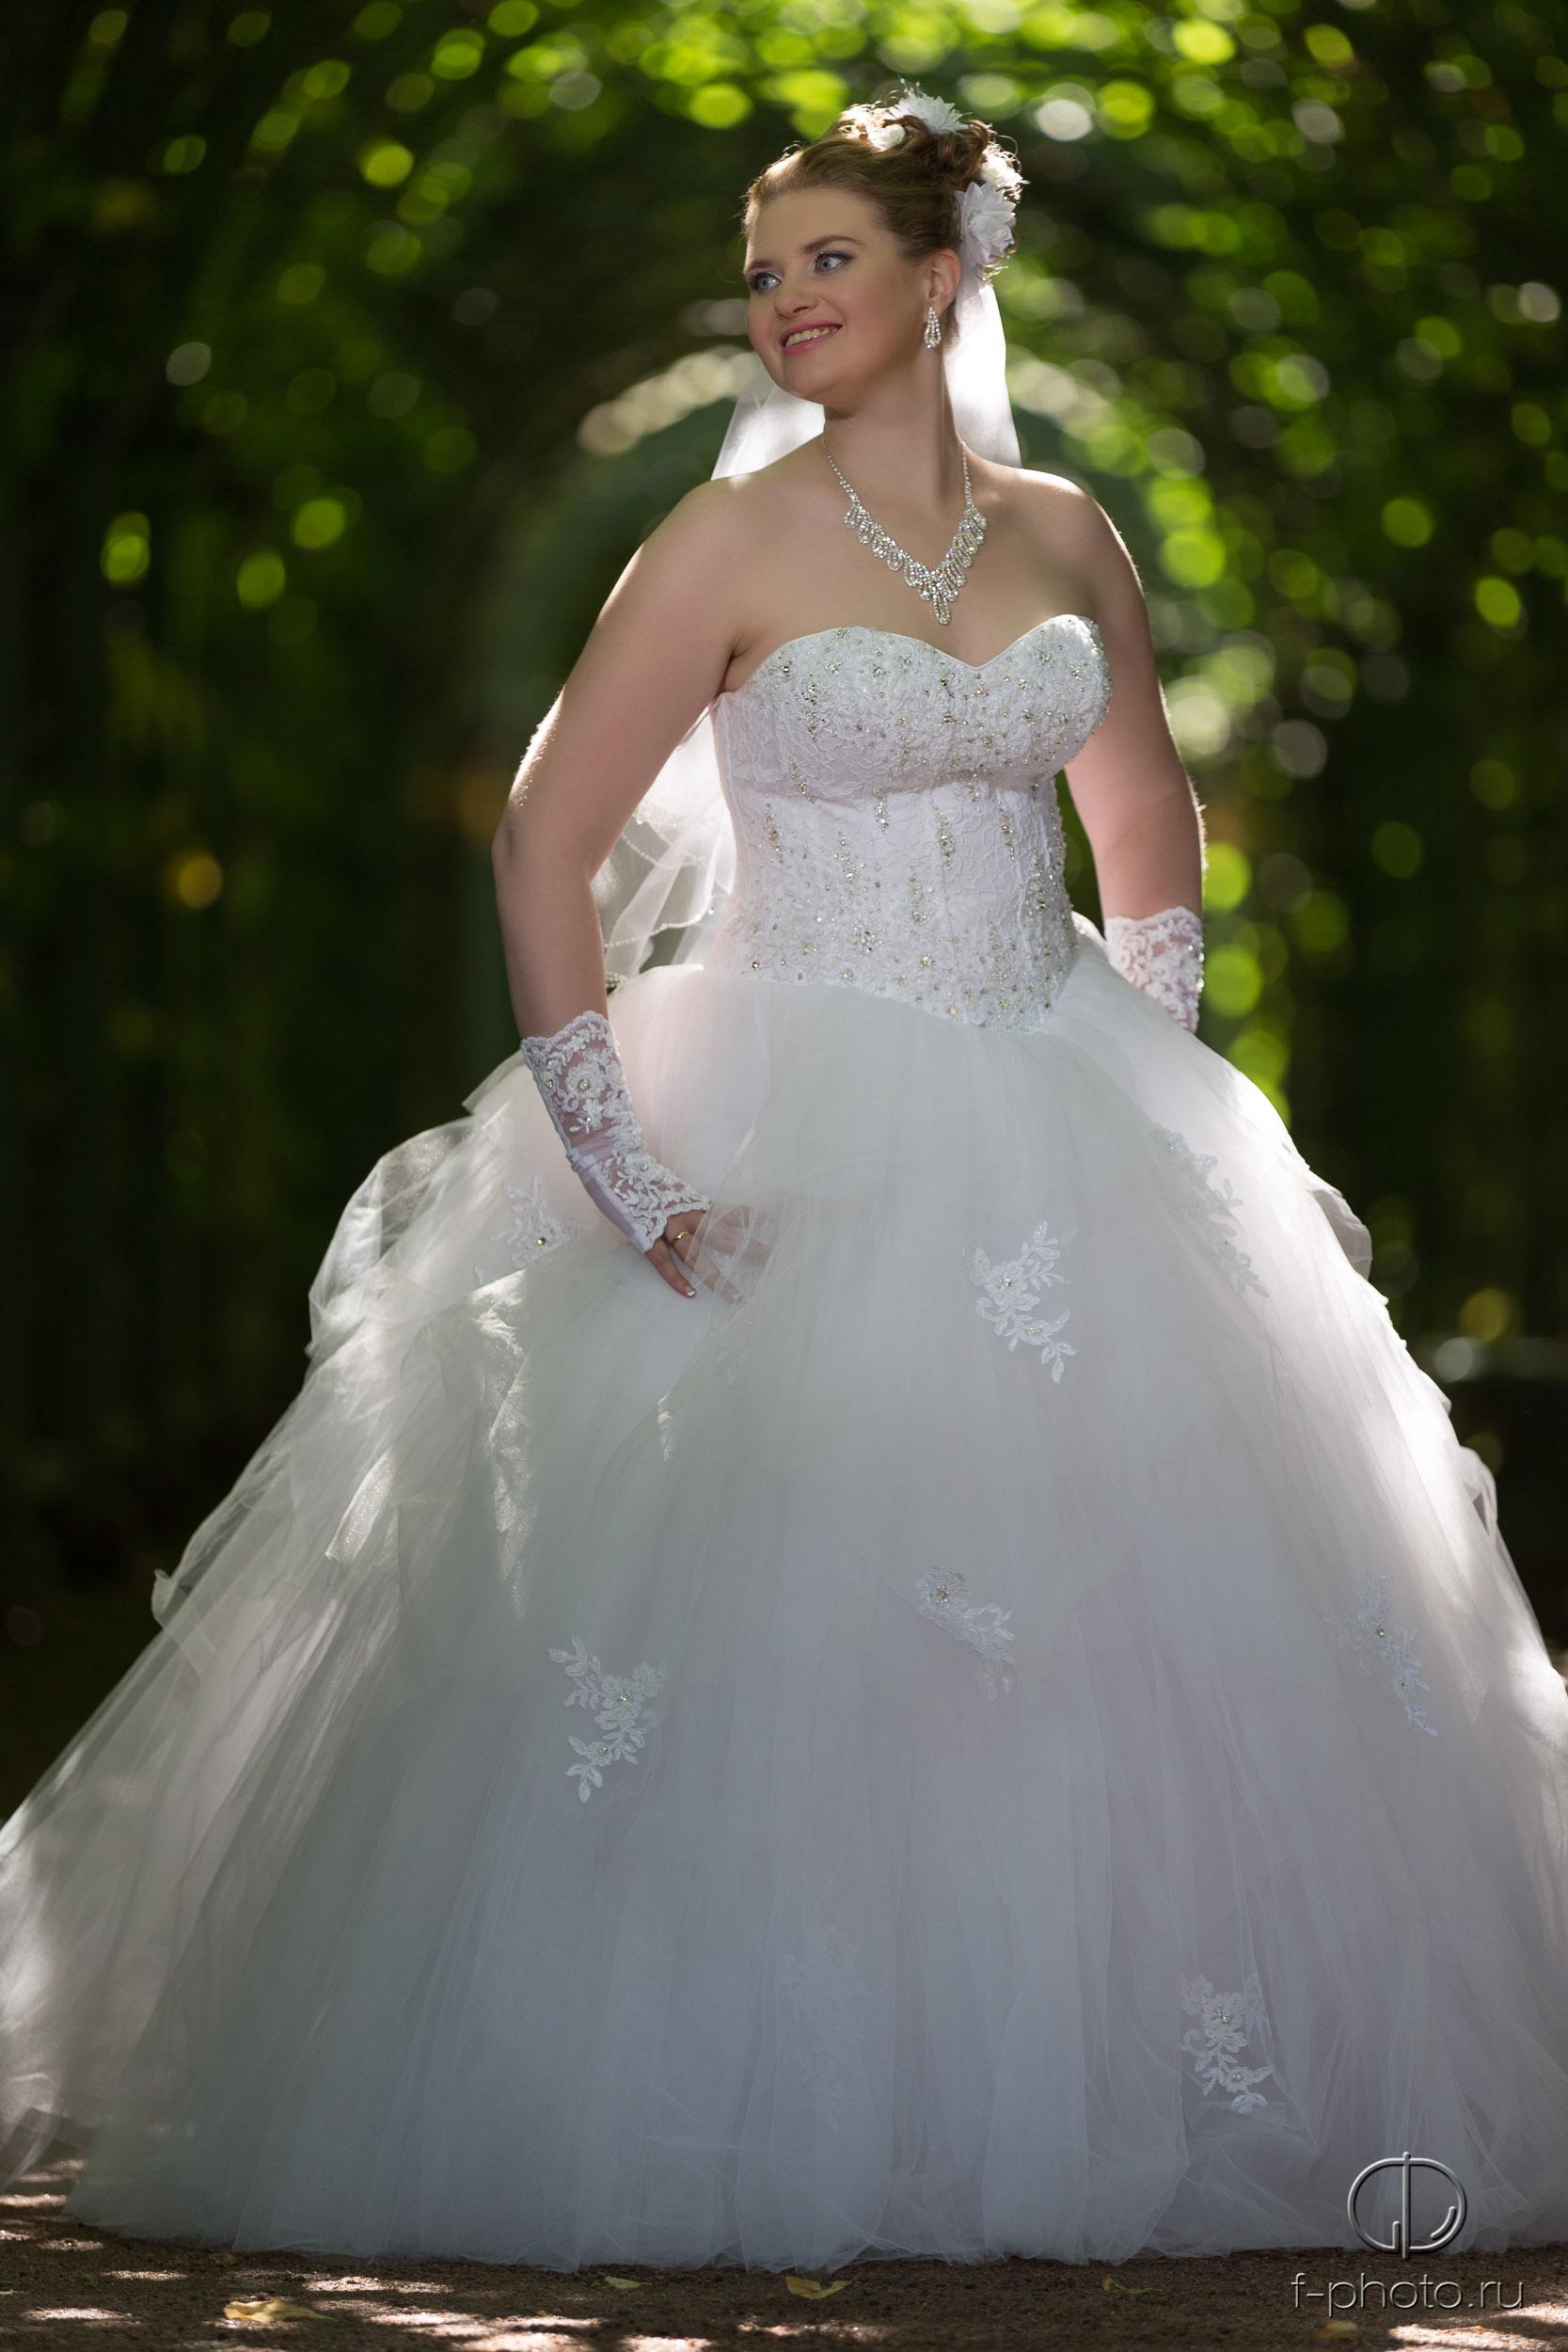 Красивые фото невест